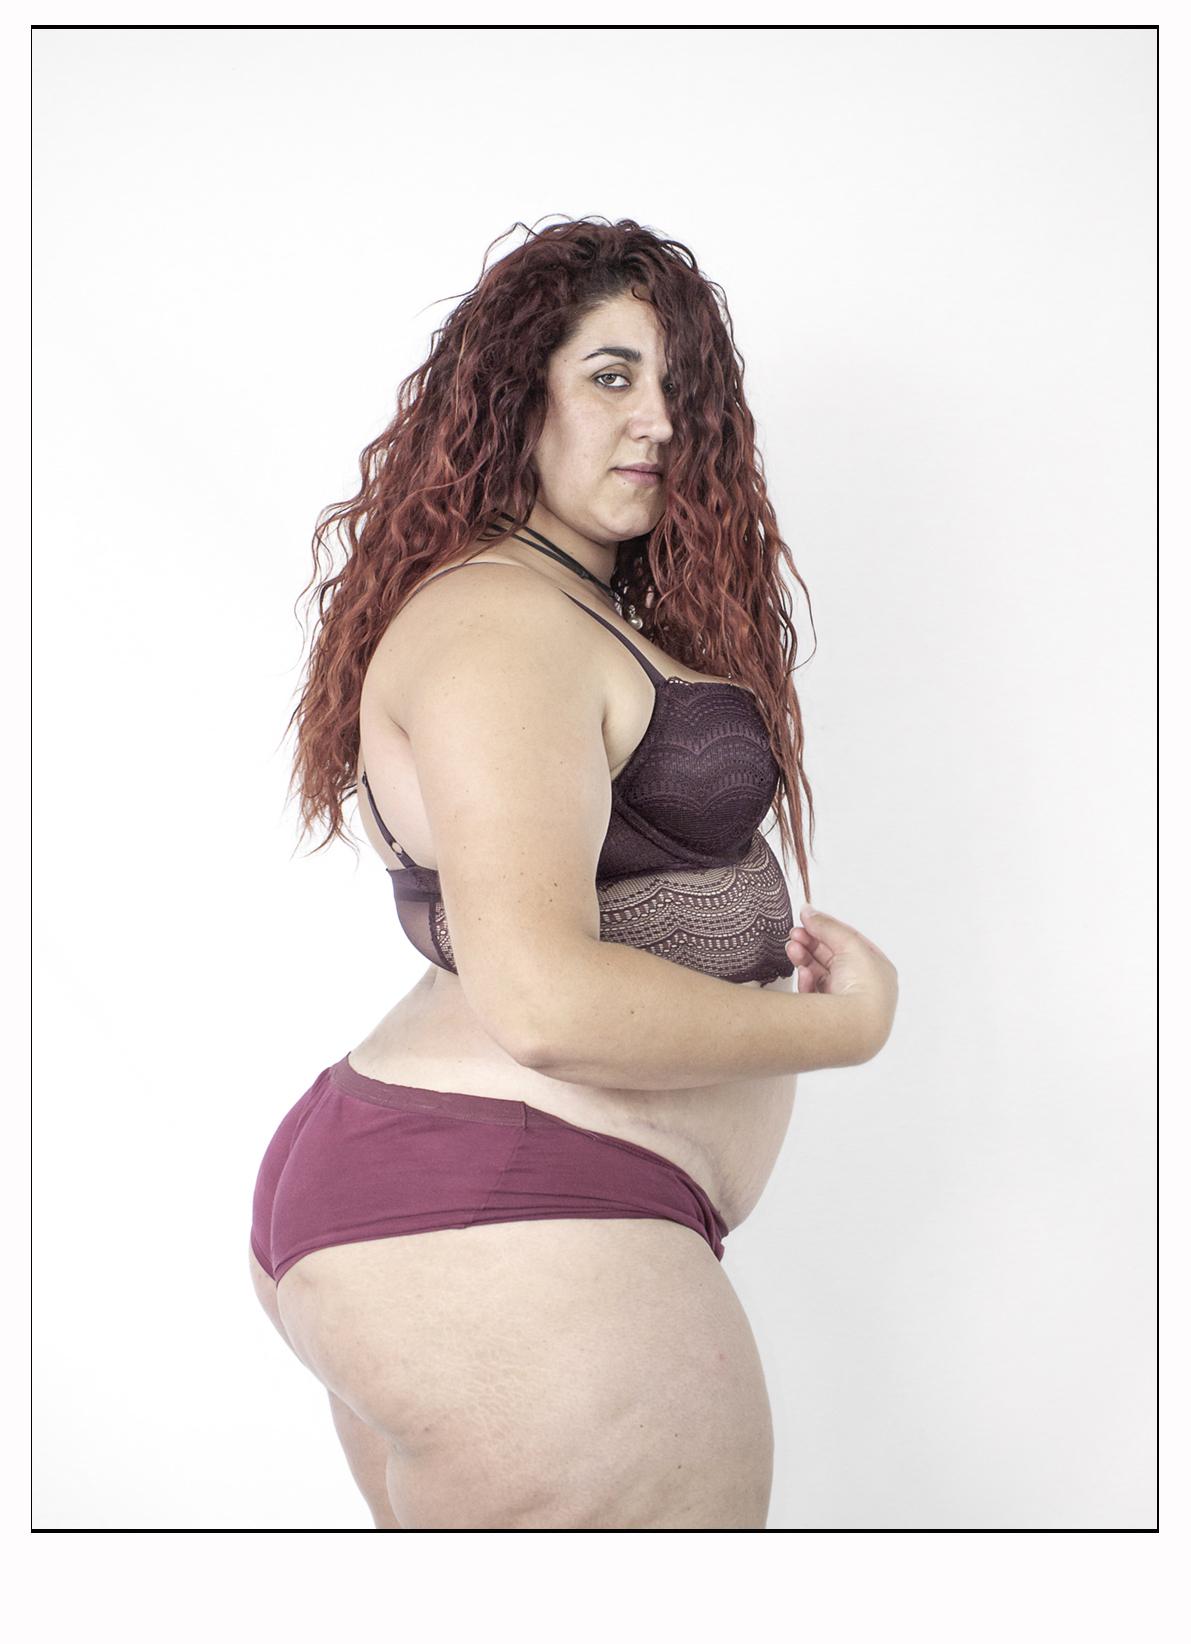 21-Vicky-28